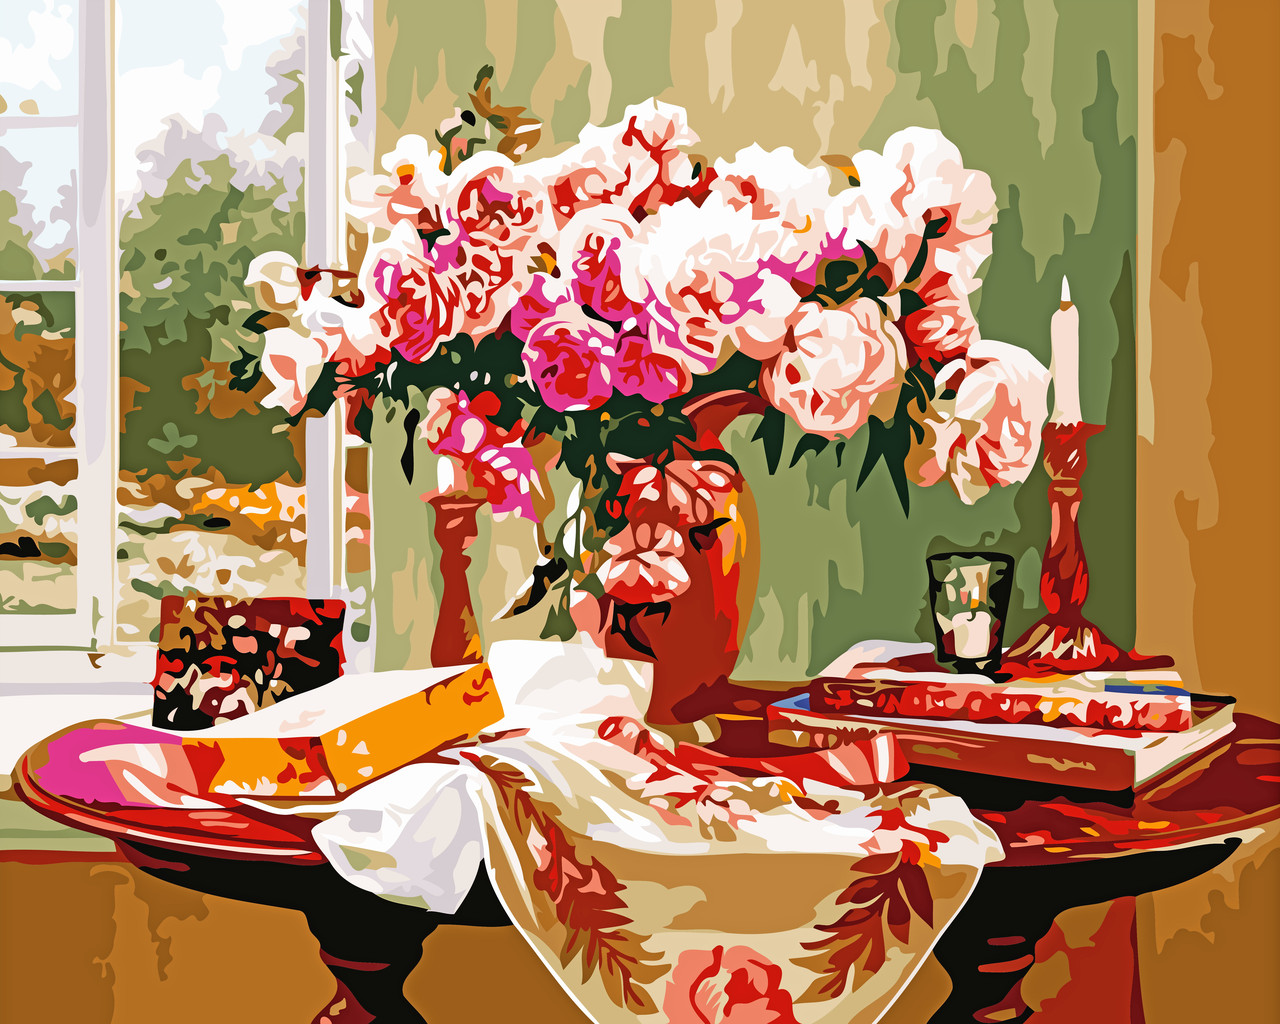 Художественный творческий набор, картина по номерам Вдохновение, 50x40 см, «Art Story» (AS0522)